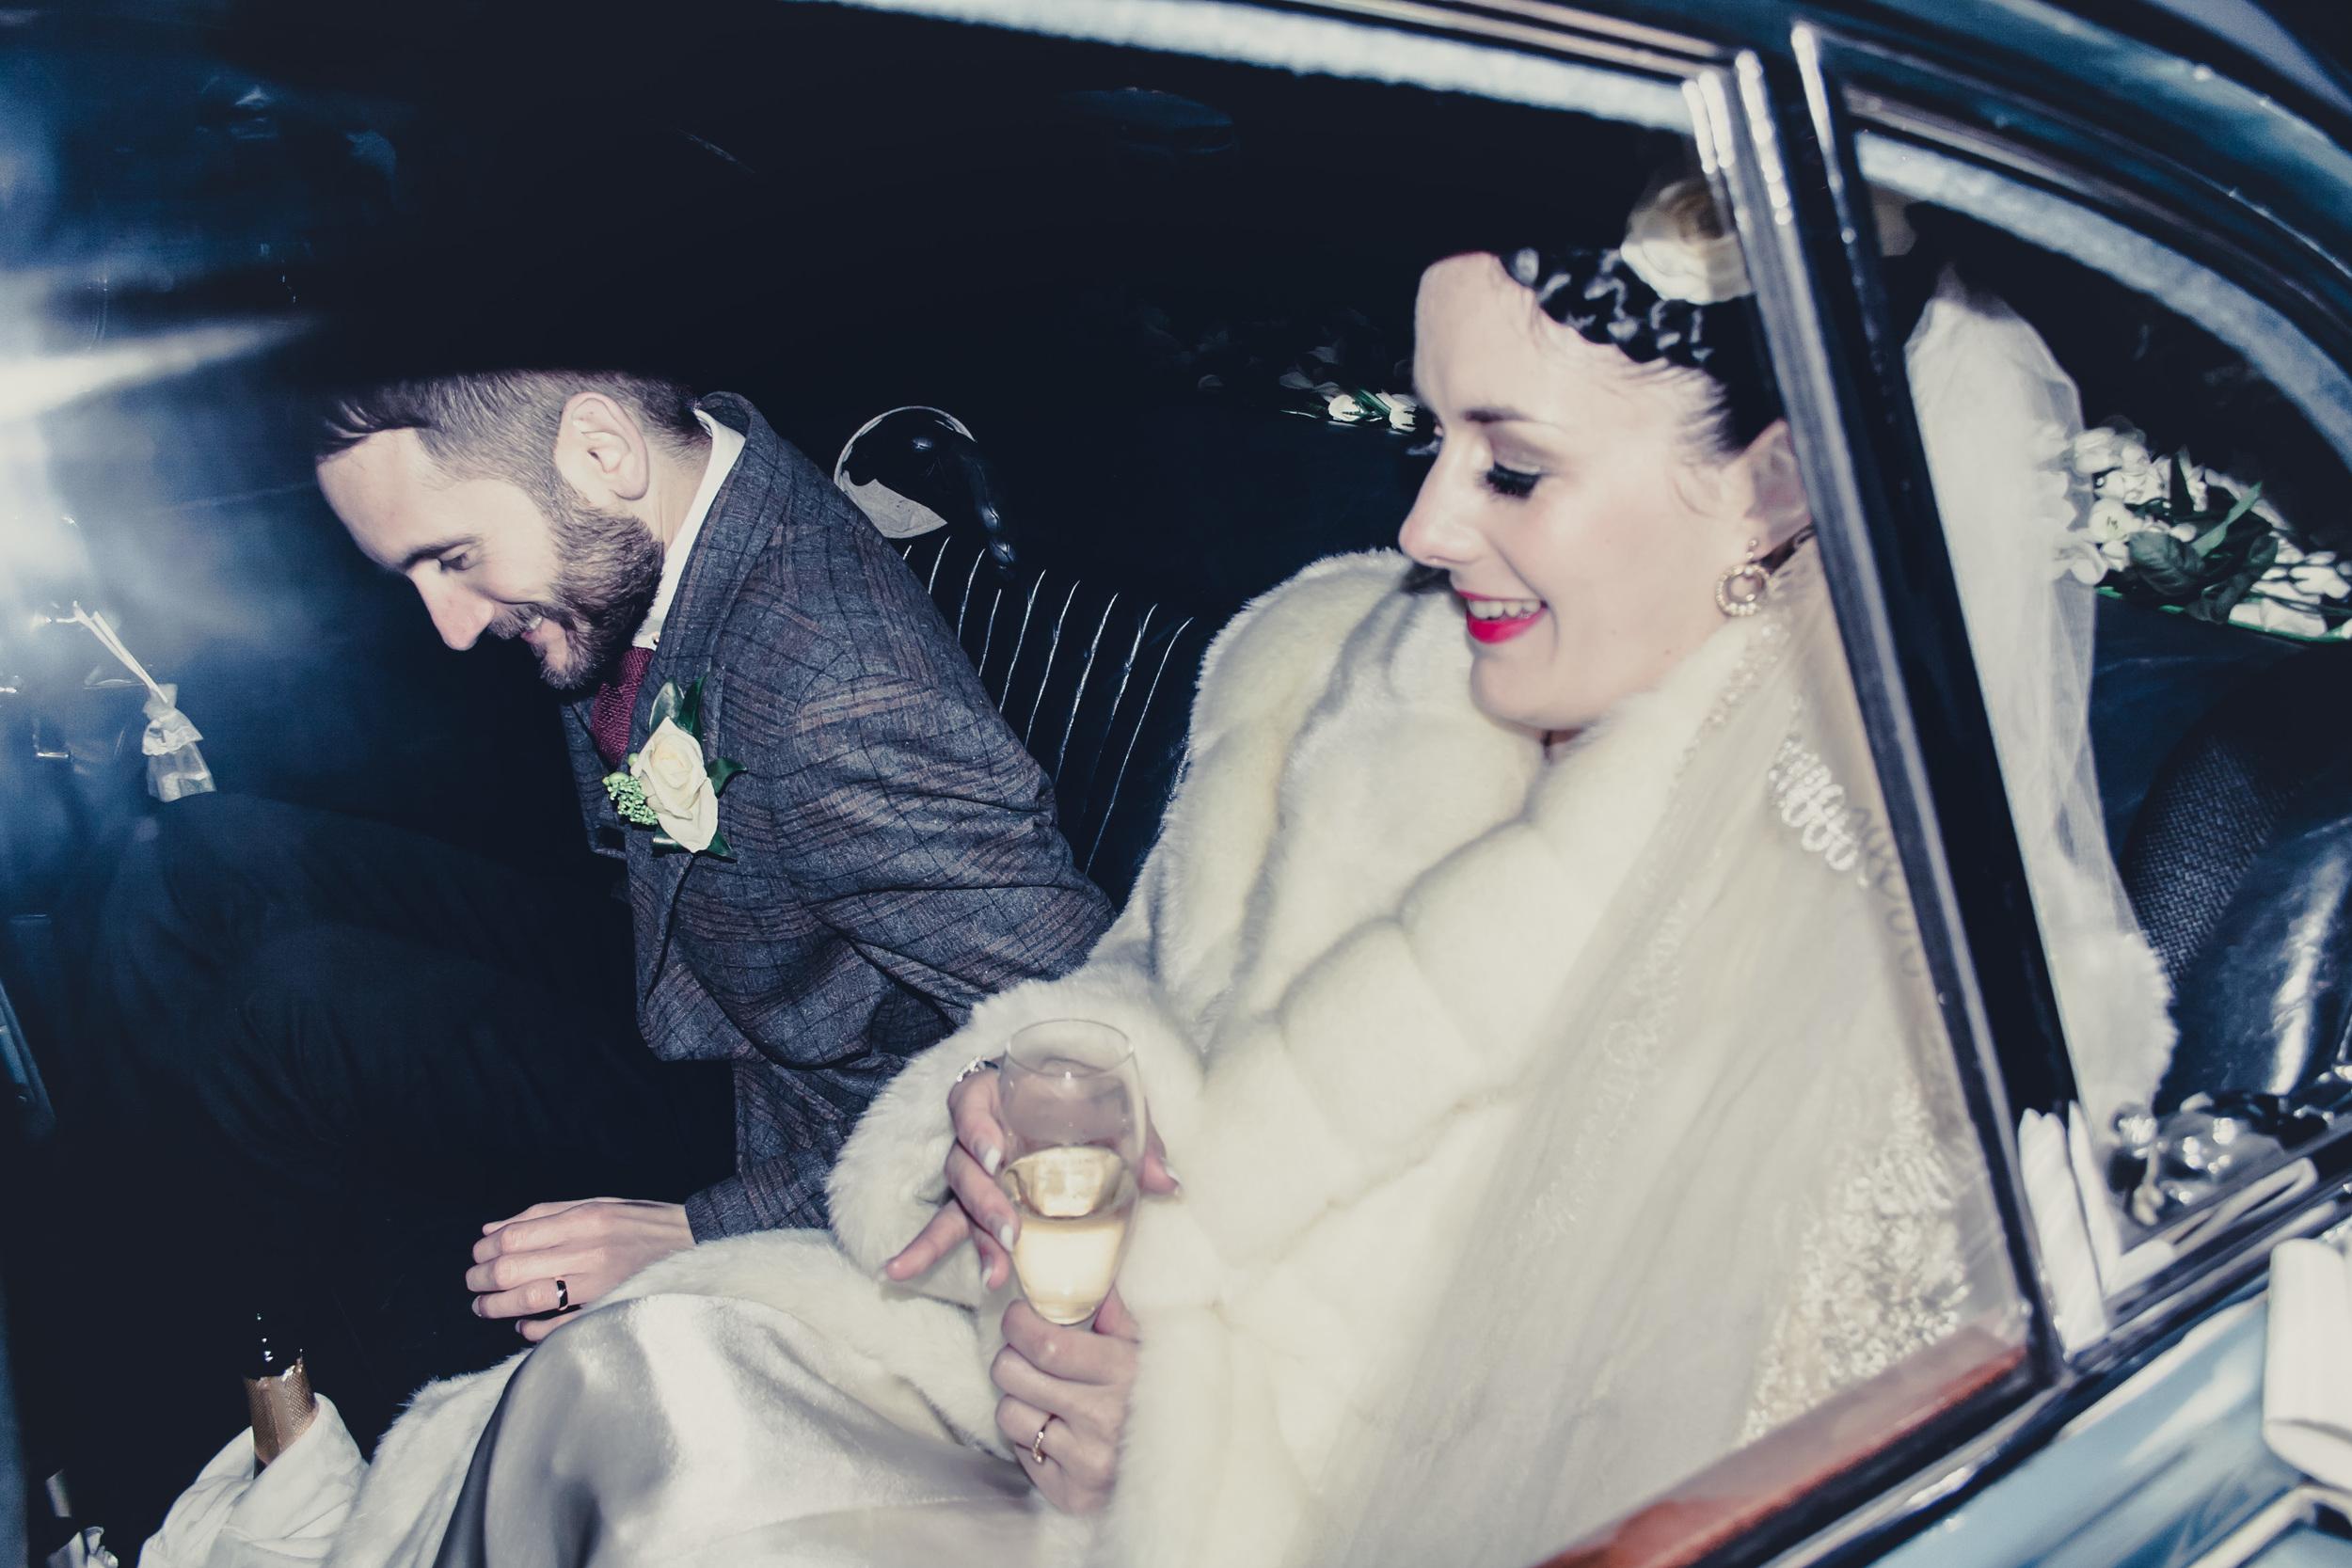 137 - Angela and Karls Wedding by www.markpugh.com -2254.jpg